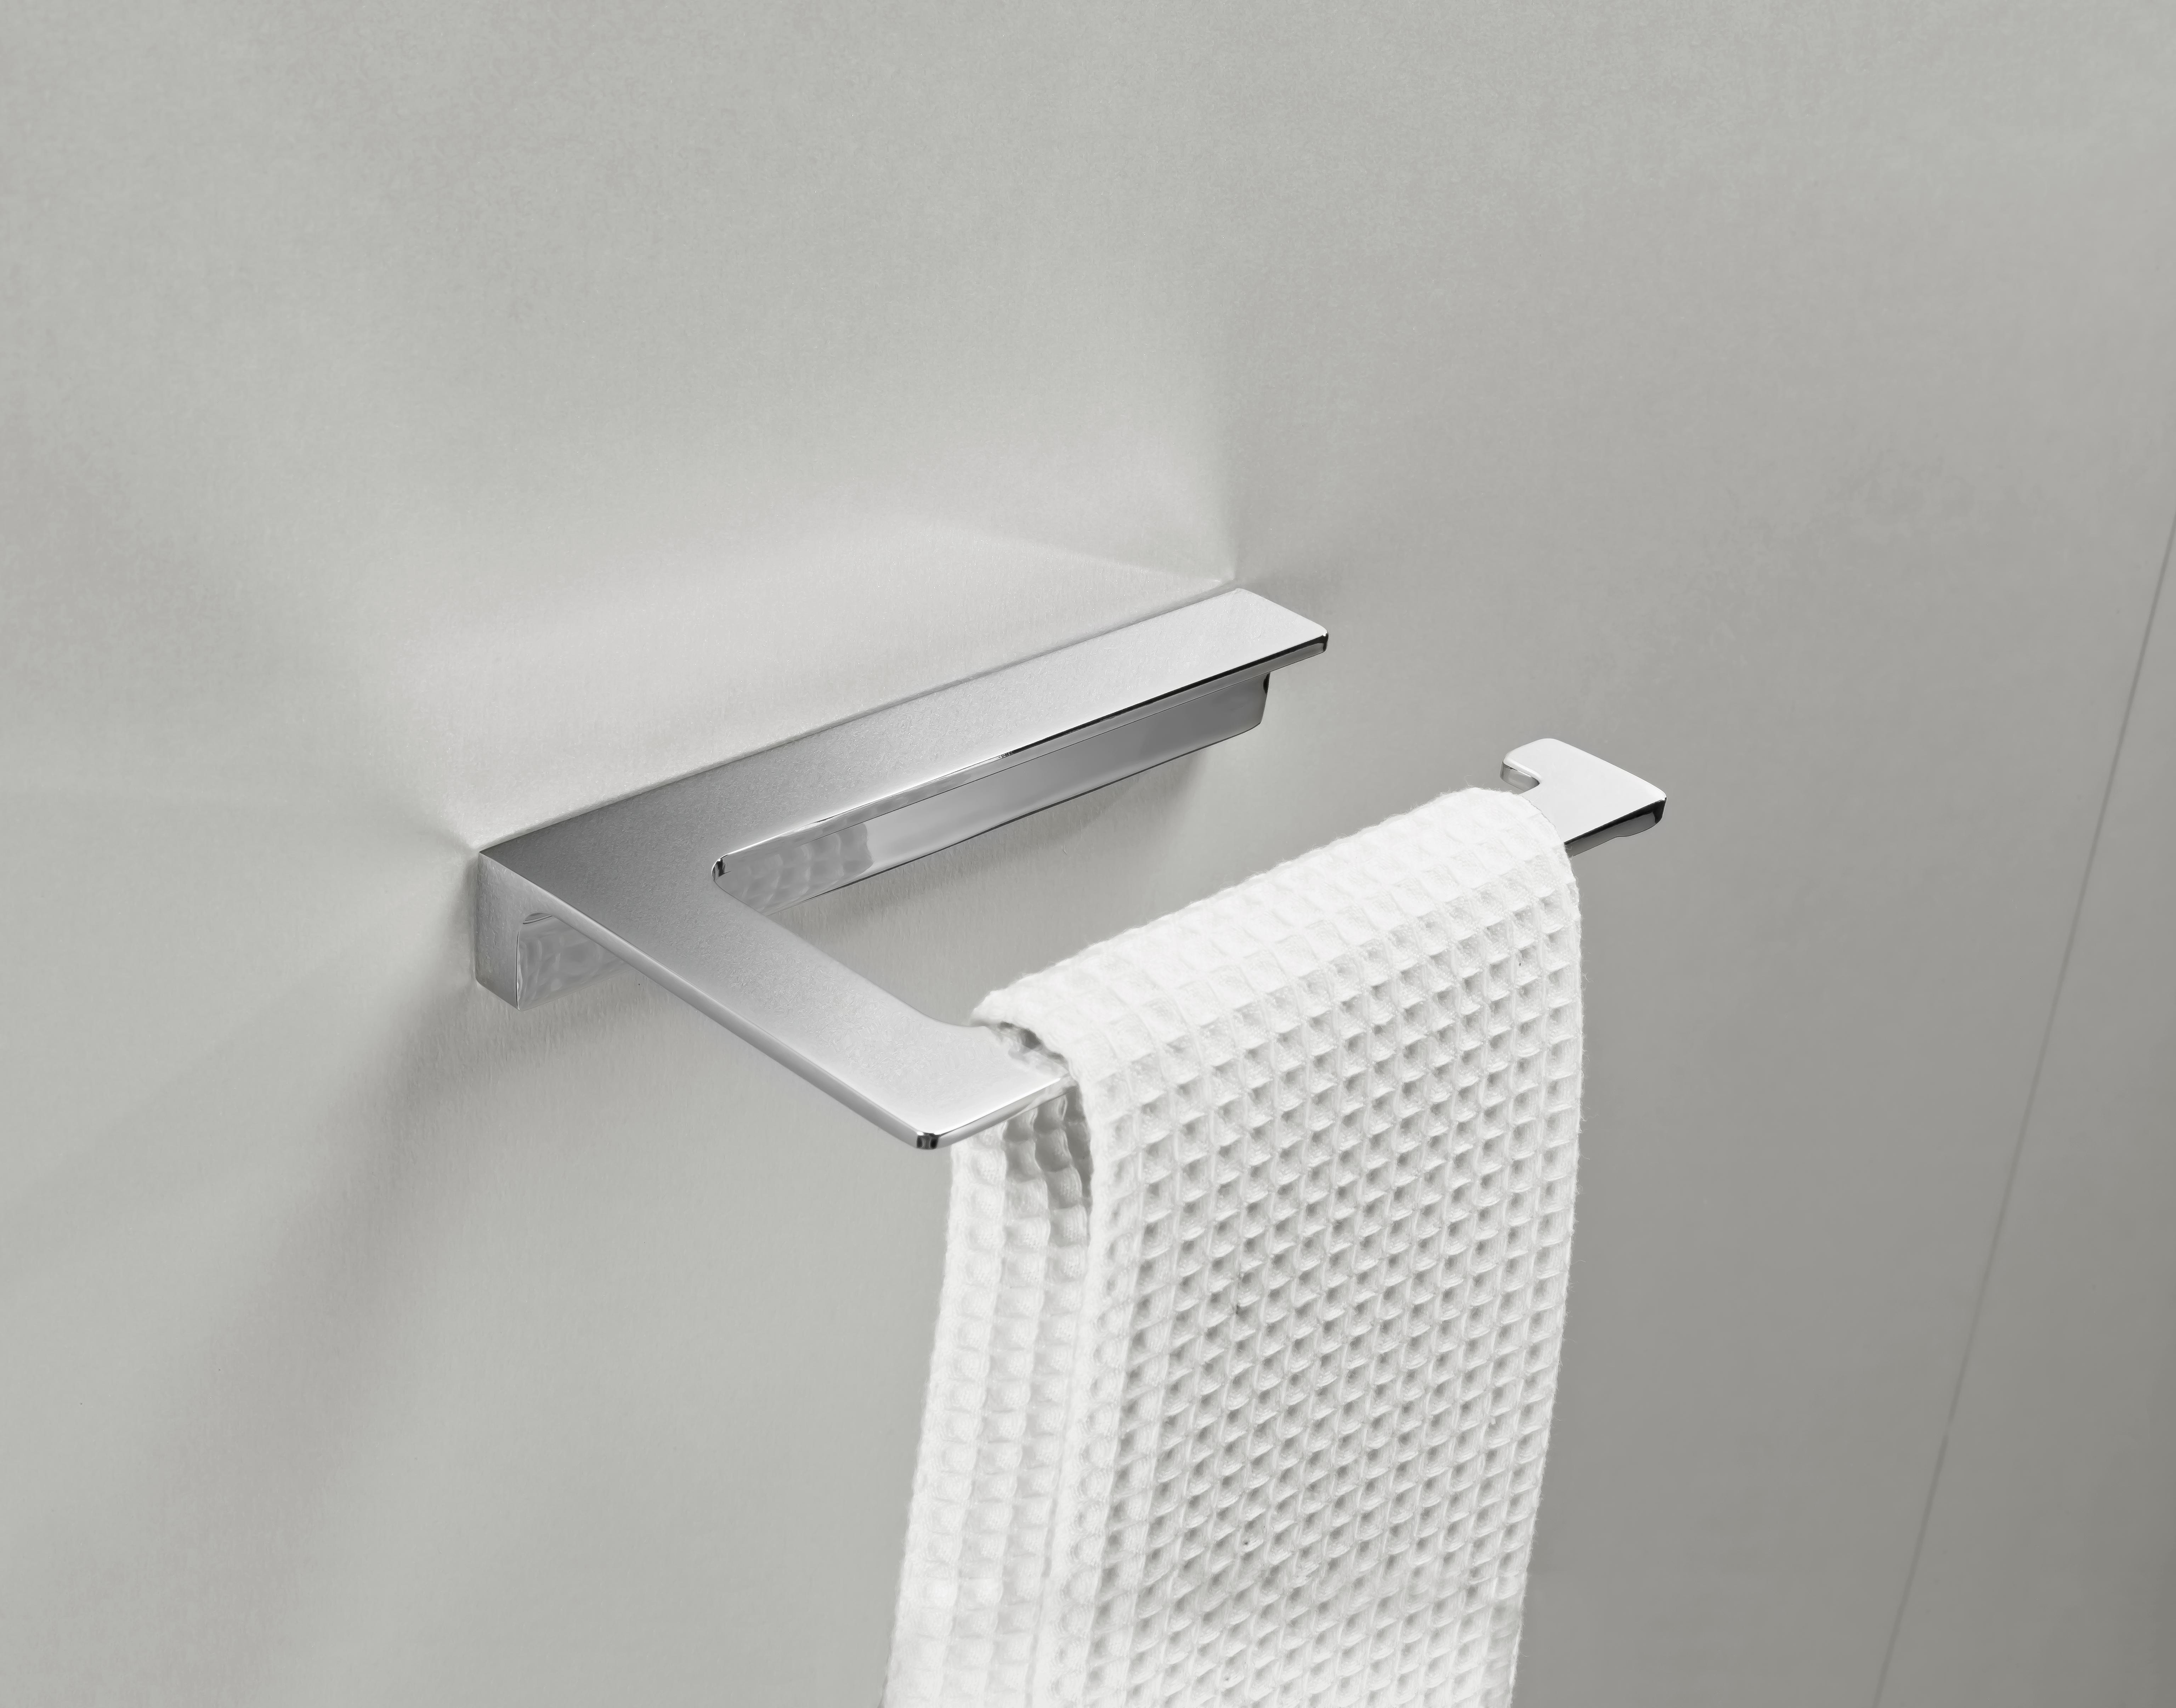 Accesorios de baño y complementos - Manillons Torrent 06497b774c07